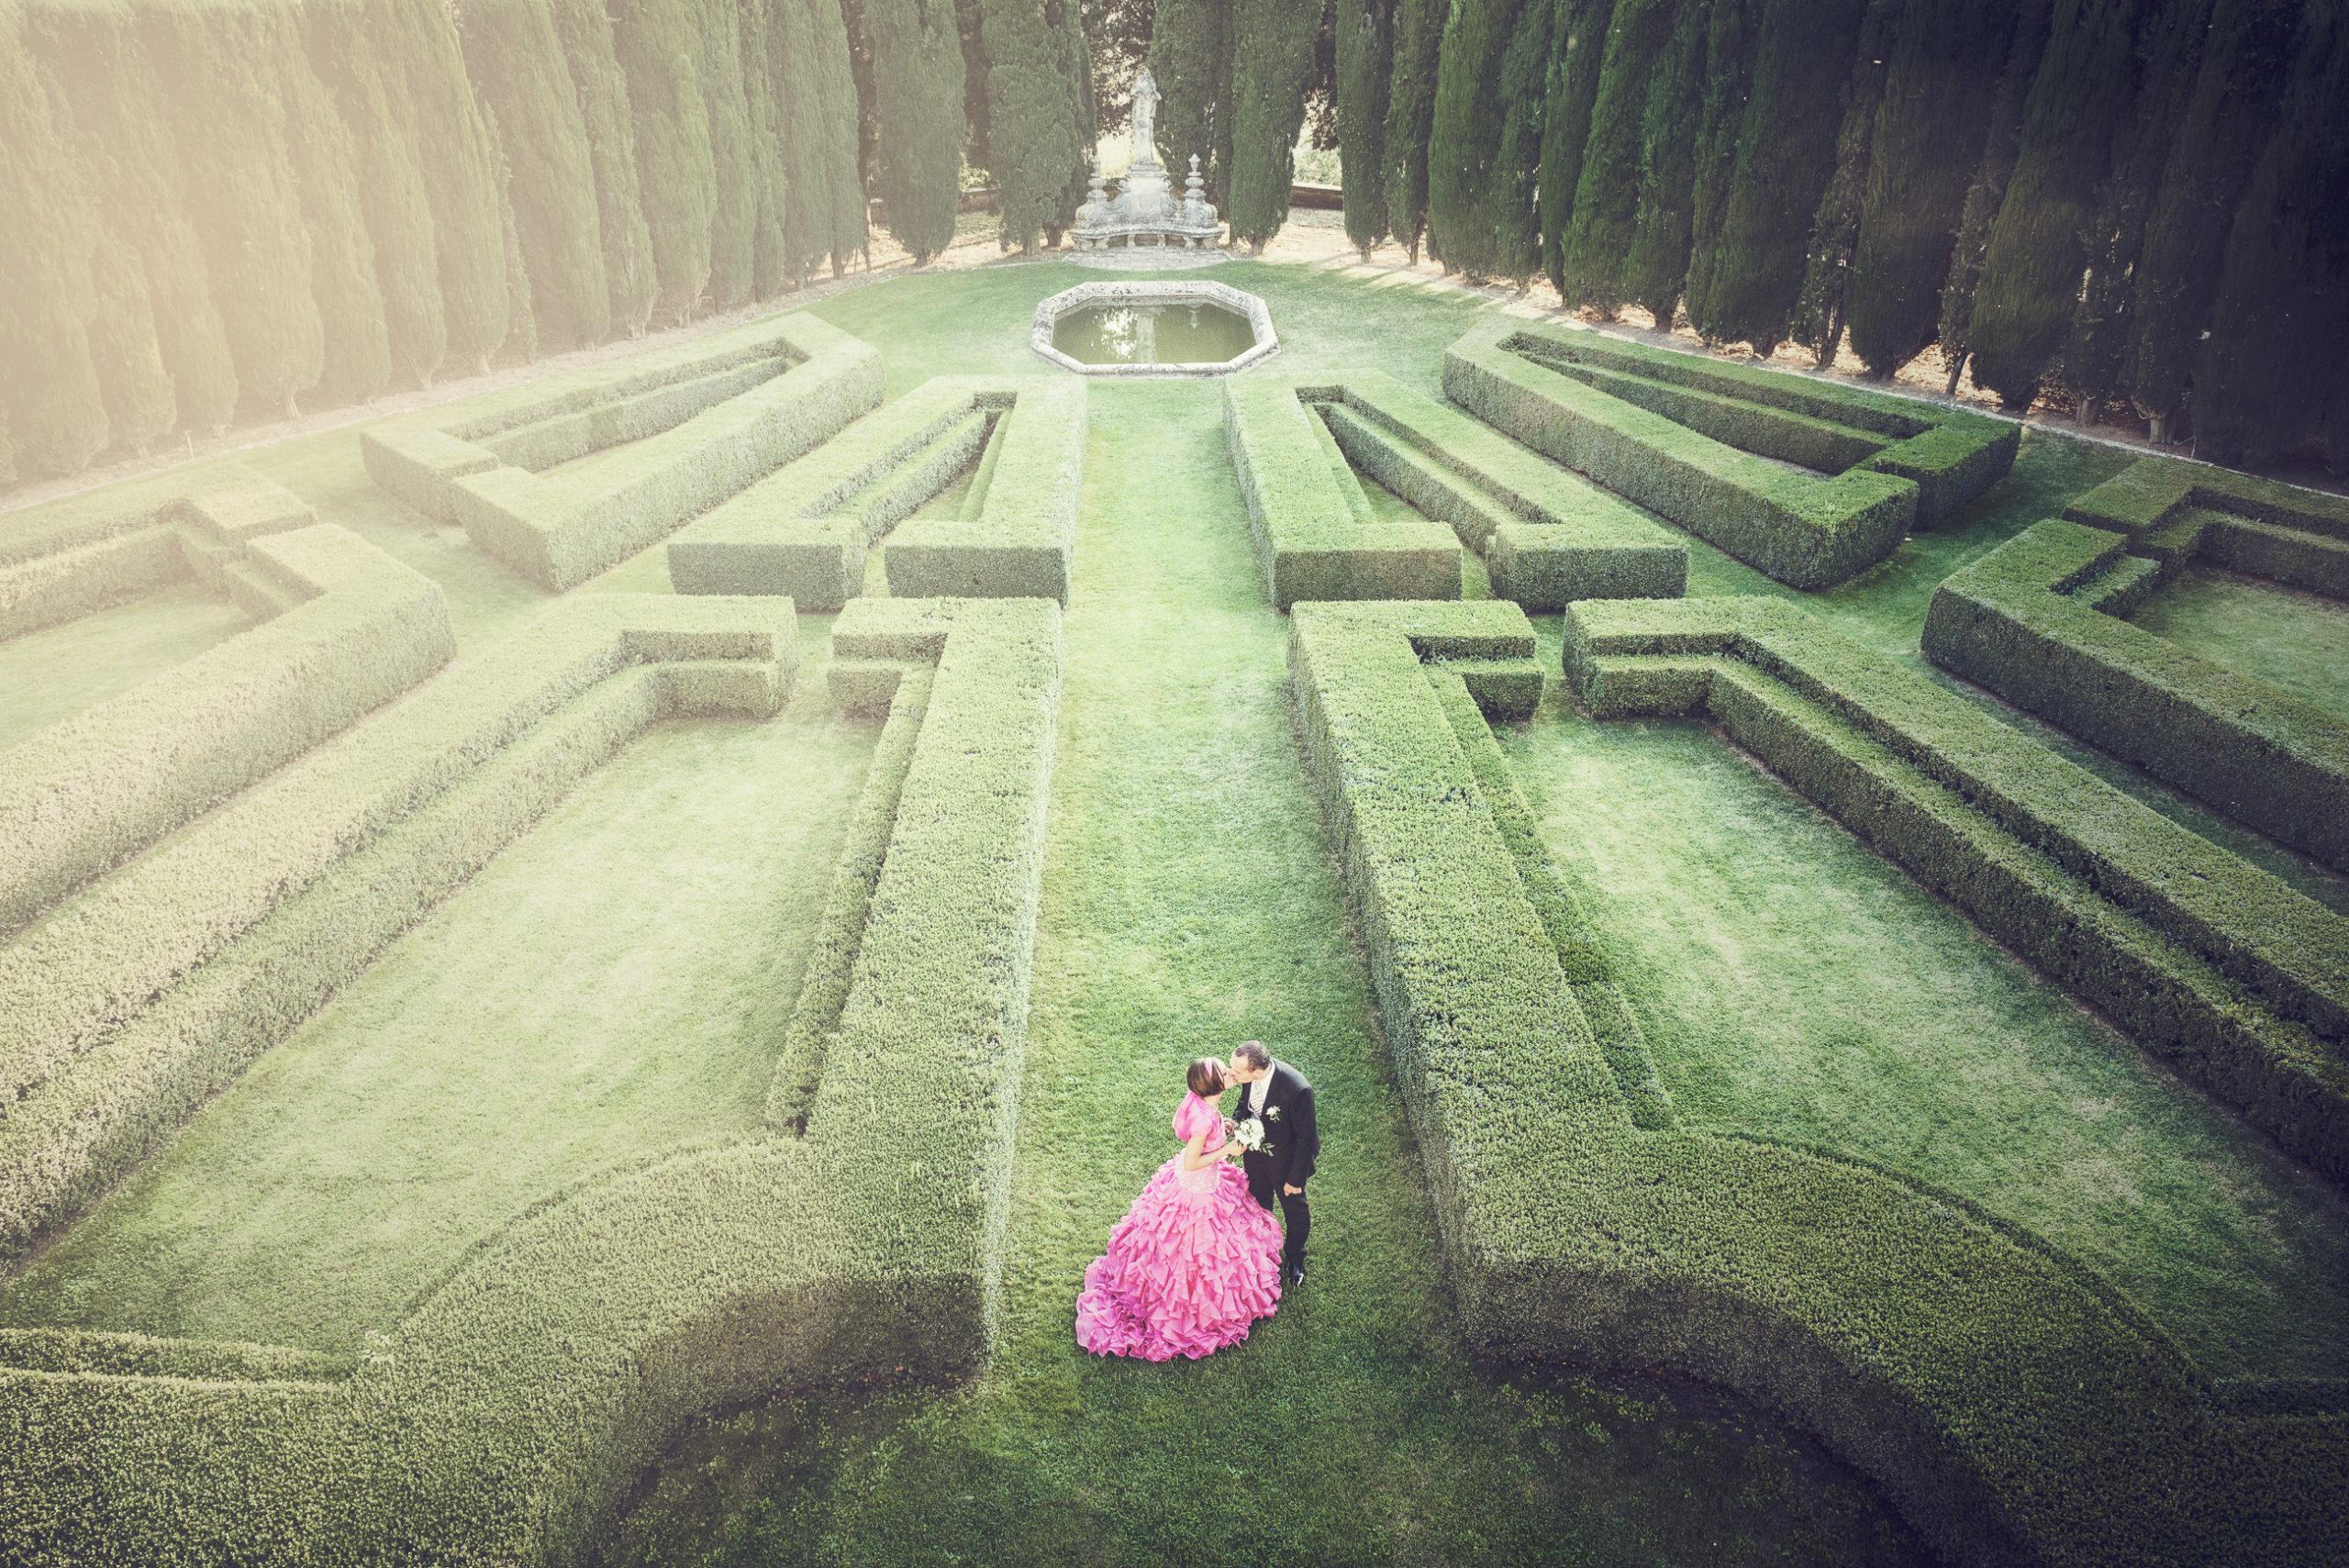 wedding-tuscany-siena-la-foce-giardino-italiana-photographer-location-foto-forti-gabriele